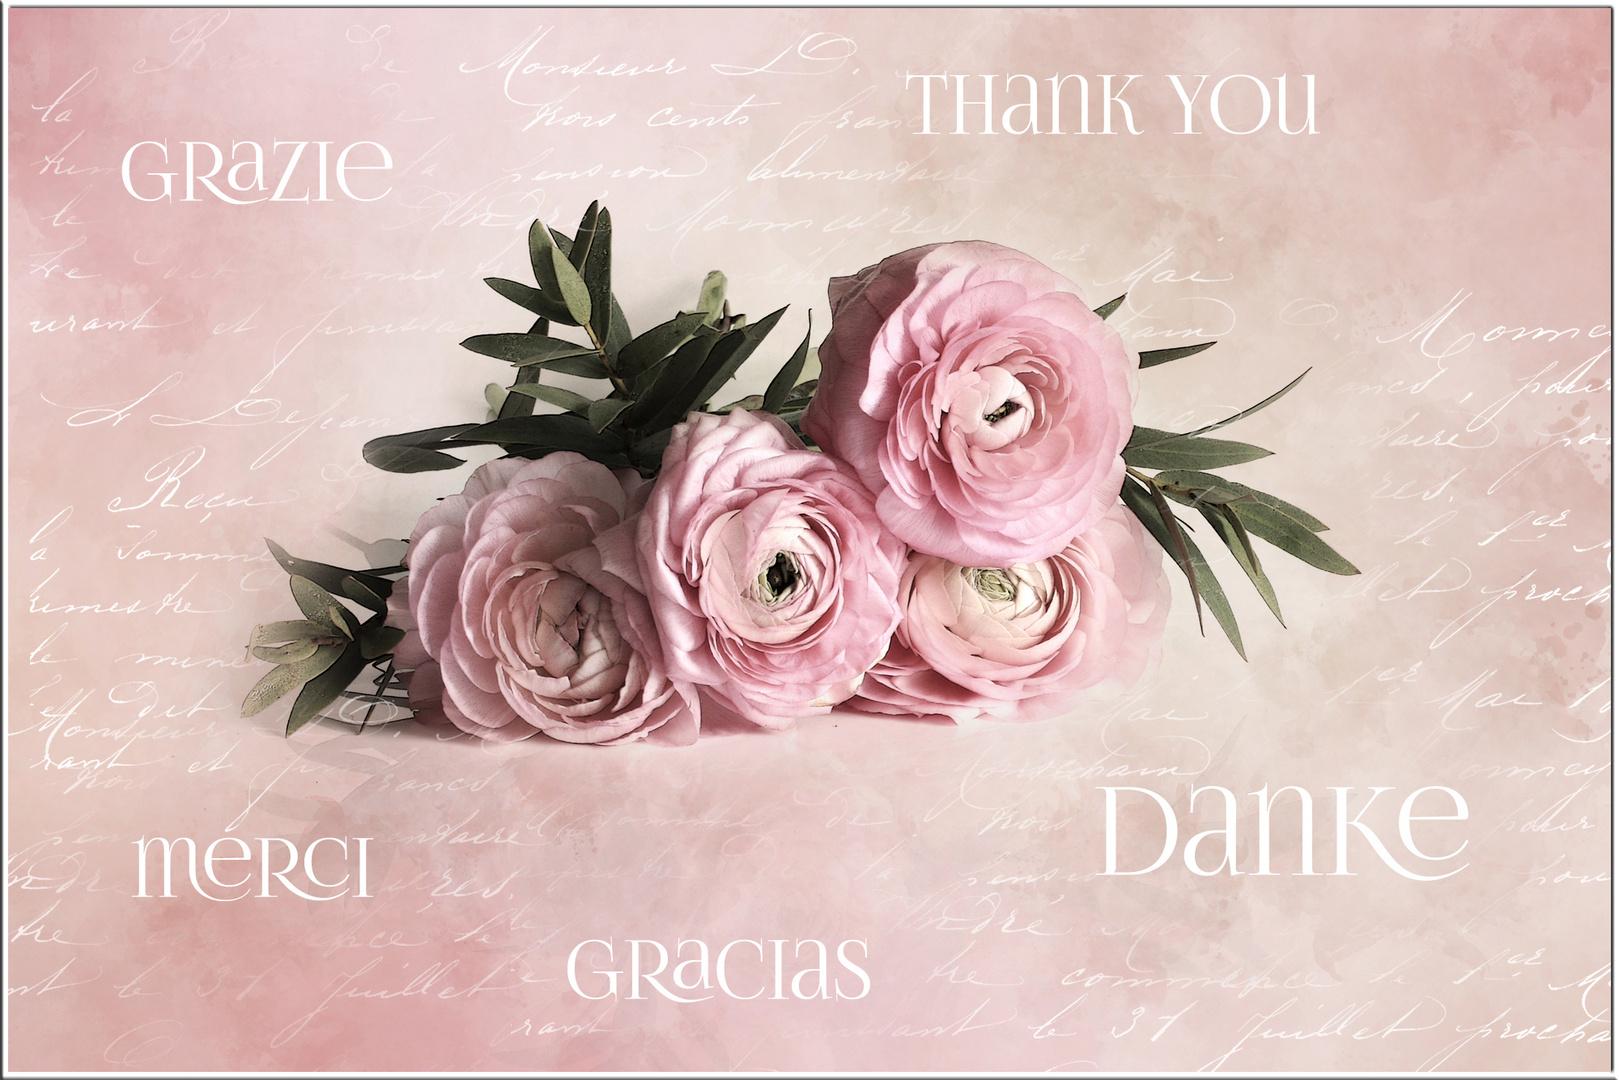 An gratuliert die haben danke bilder mir alle Geburtstag Gratulieren